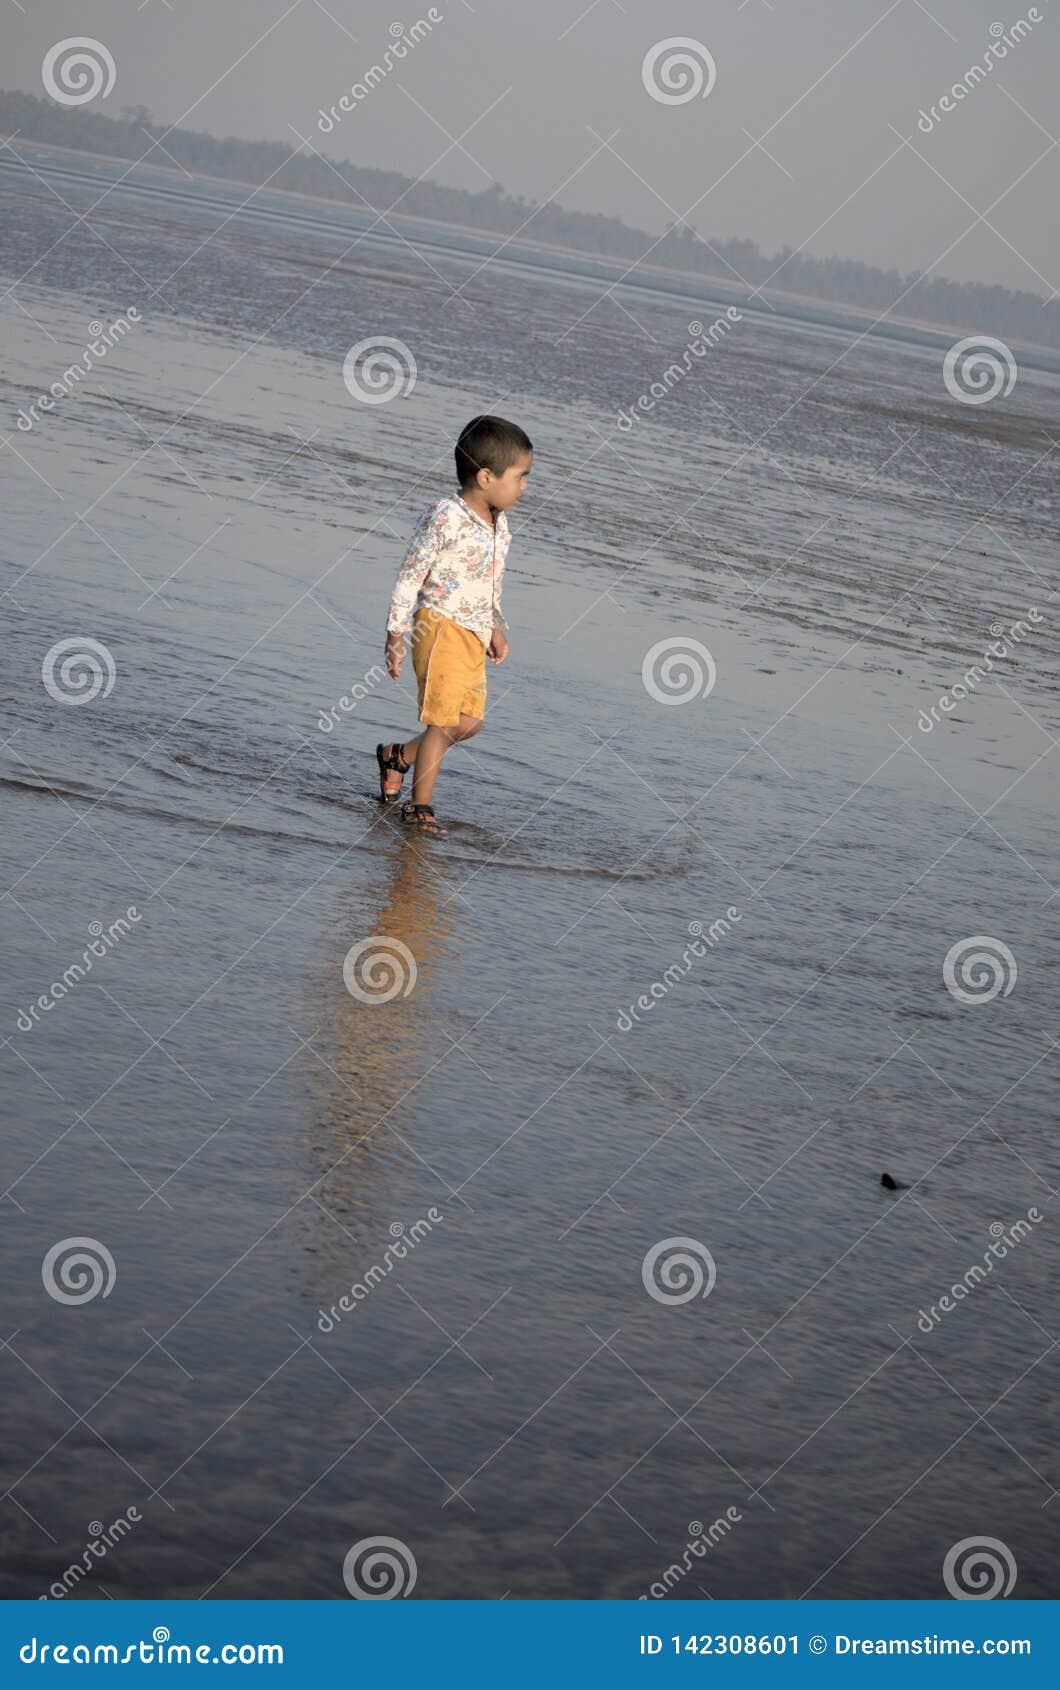 Boy walking in sea water